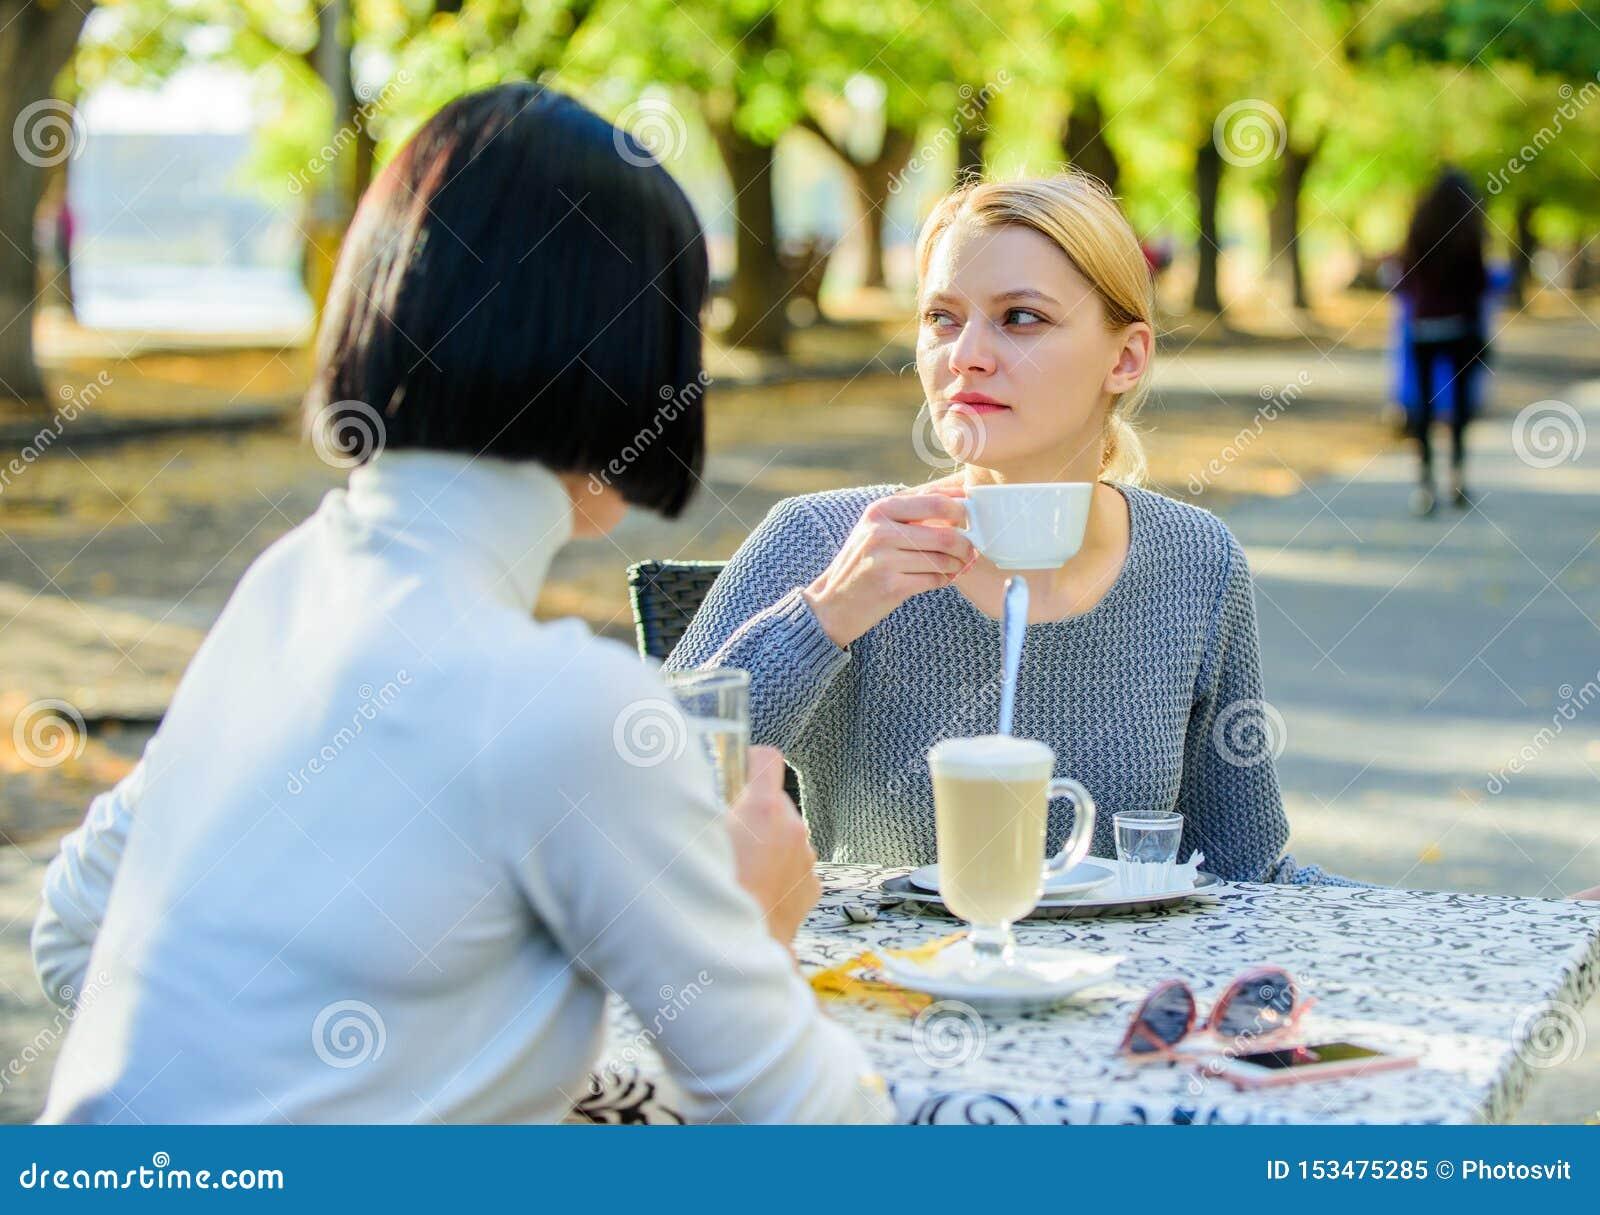 Discussione delle voci Comunicazione fiduciosa Sorelle di amicizia Riunione di amicizia Svago femminile Gli amici di ragazze bevo